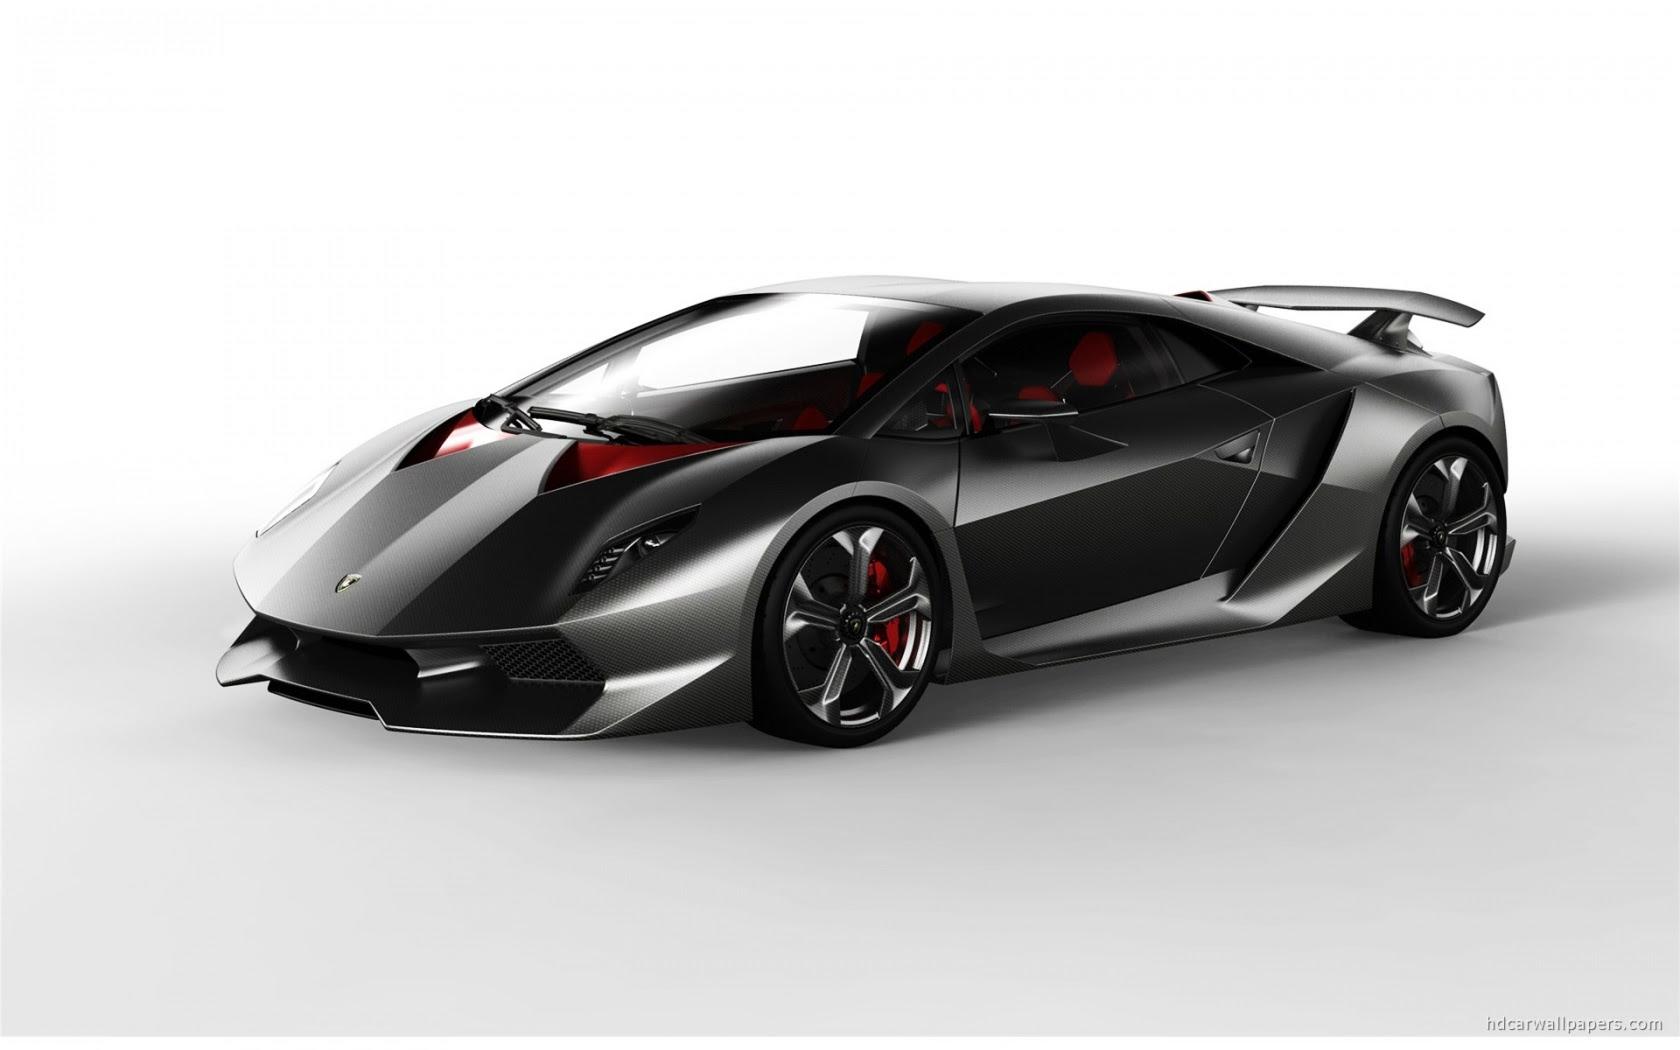 2010 Lamborghini Sesto Elemento Concept Wallpapers In